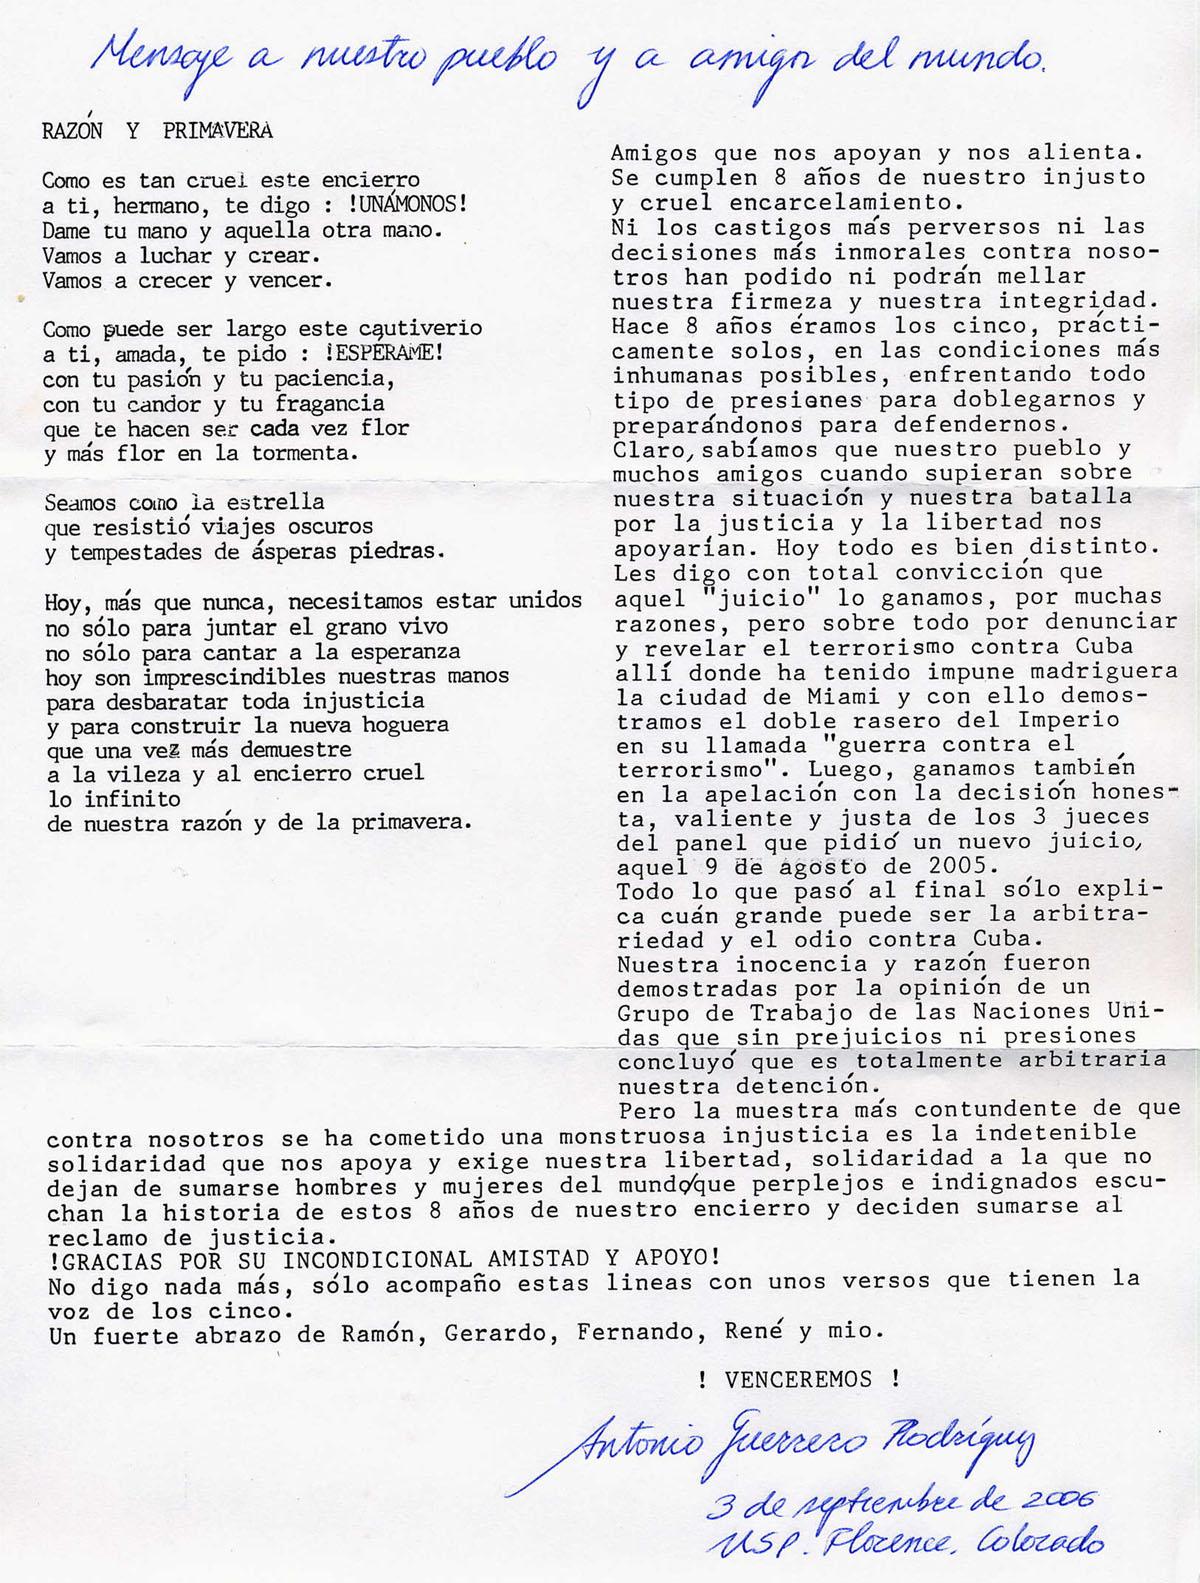 Mensaje de Antonio Guerrero al pueblo de Cuba y a los amigos del mundo